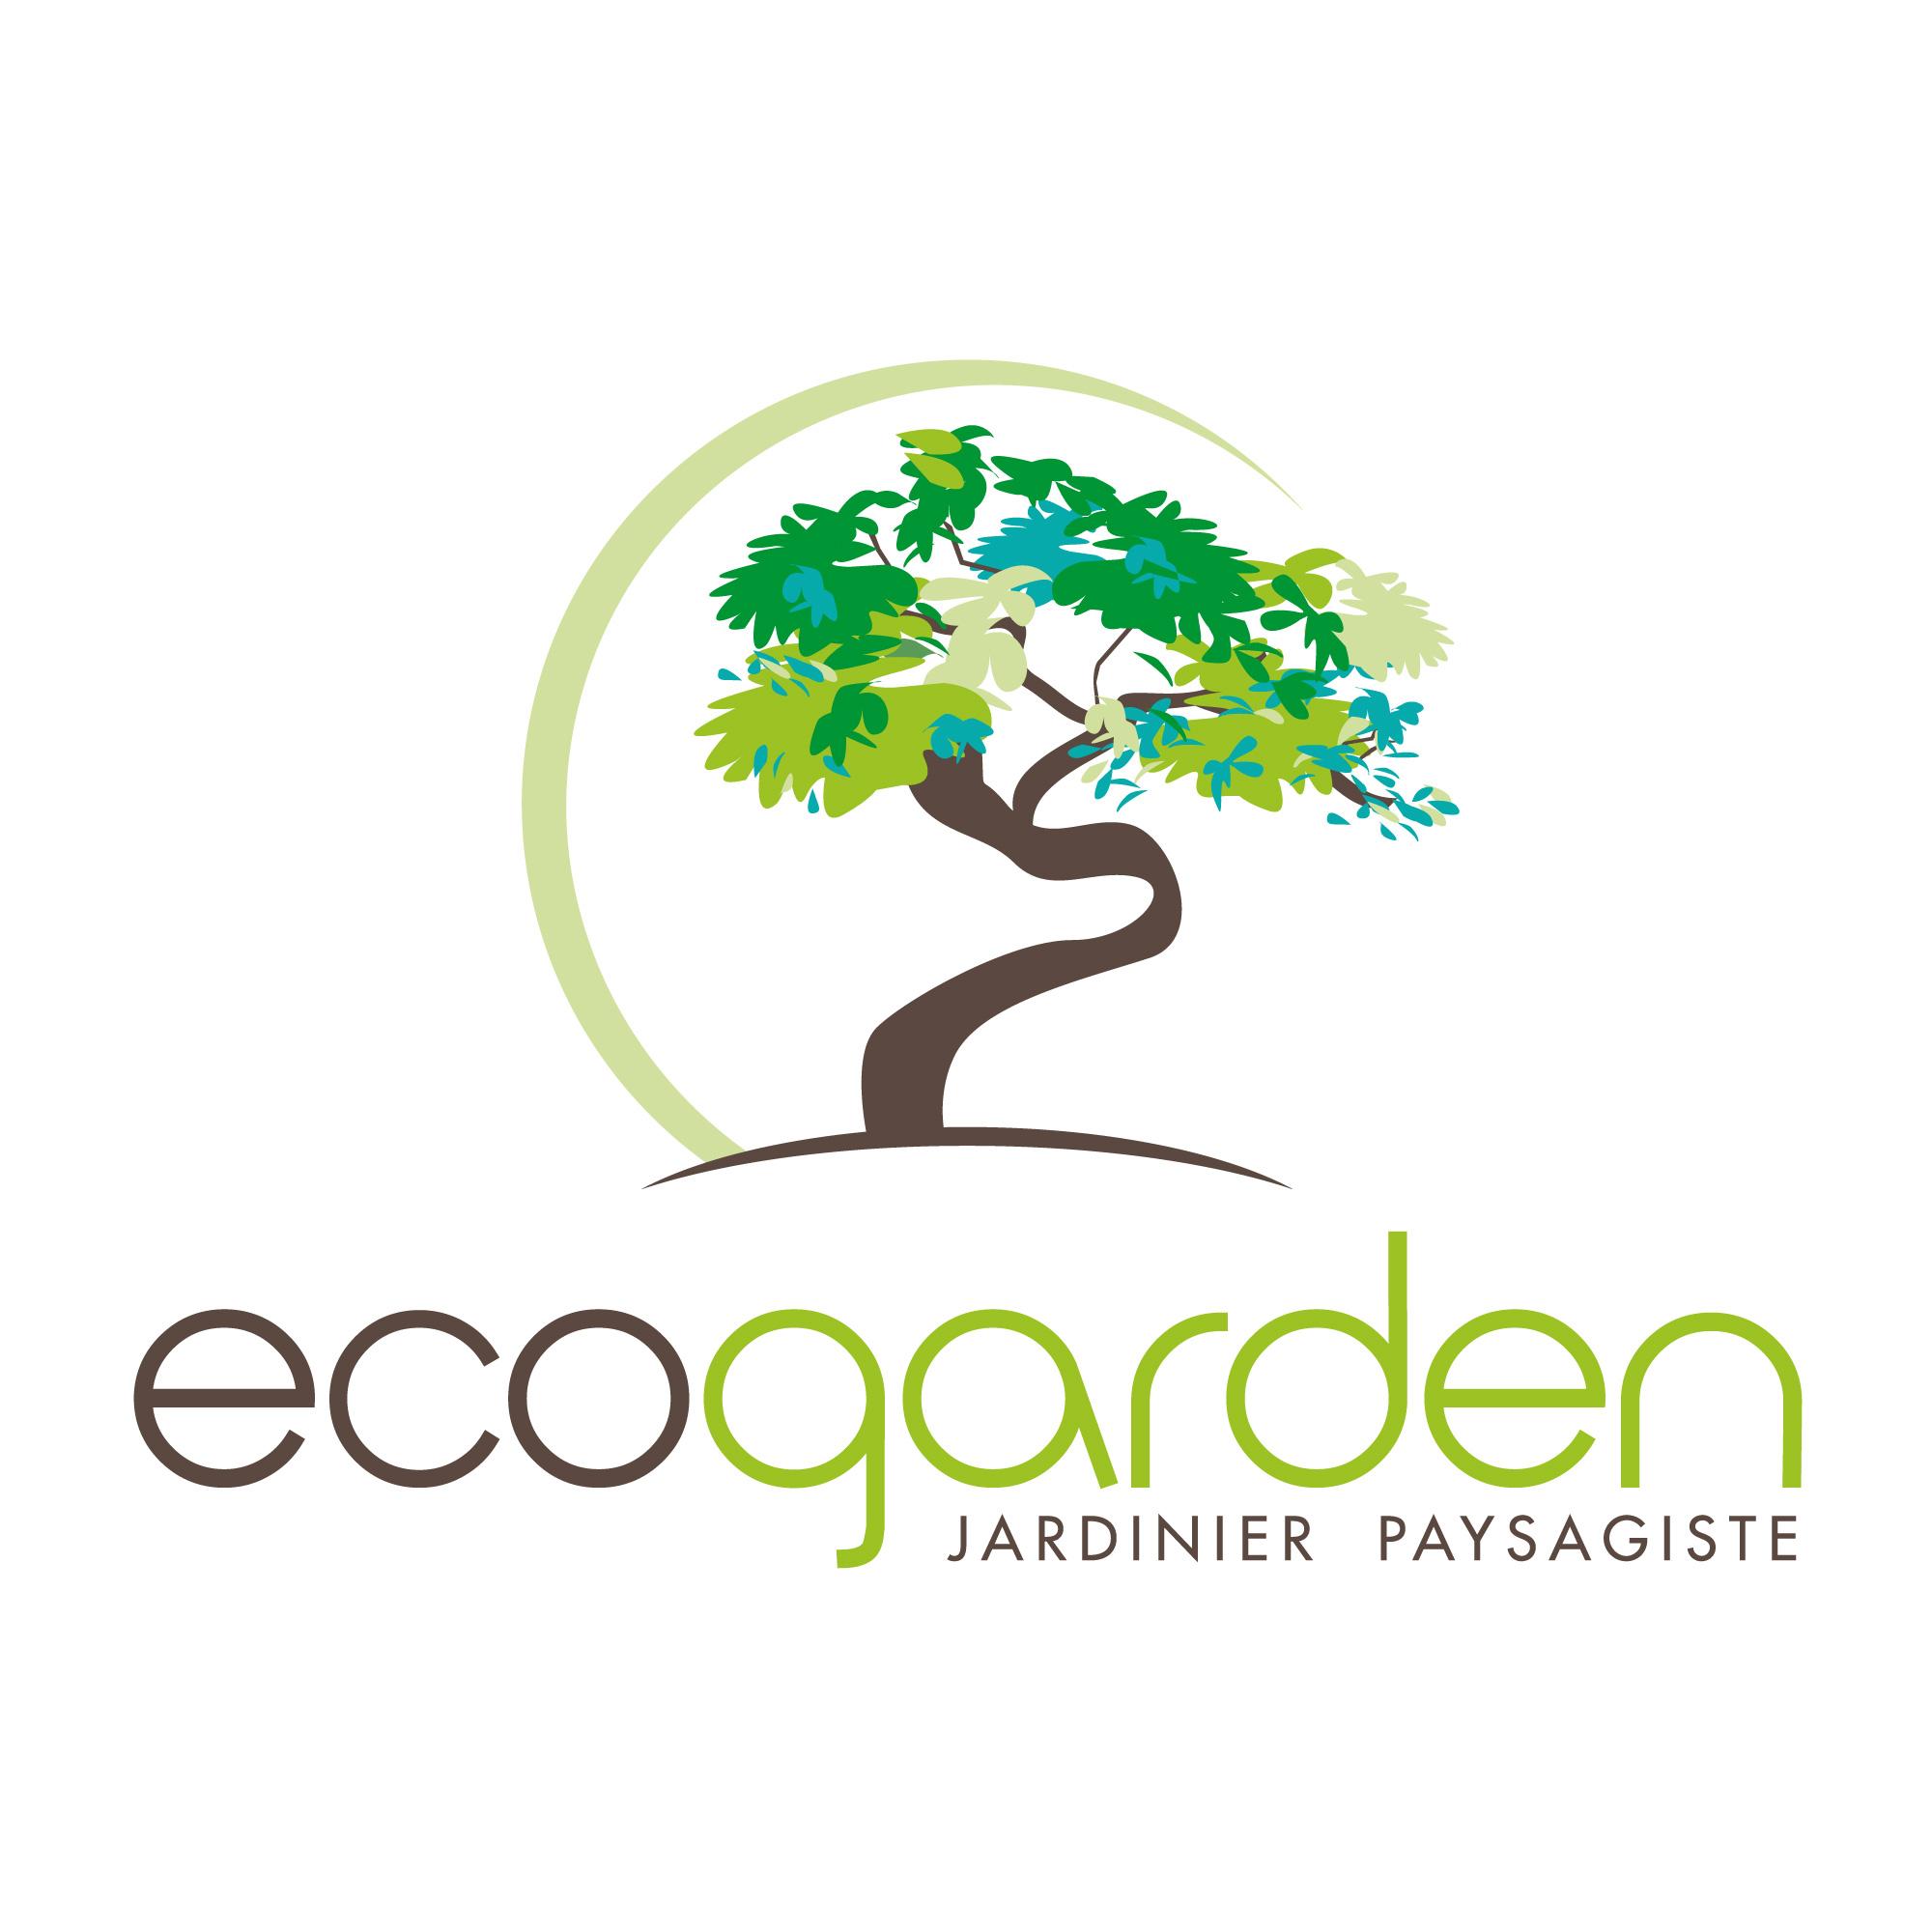 Jardinier paysagiste t l charger la photo gratuitement for Jardinier paysagiste